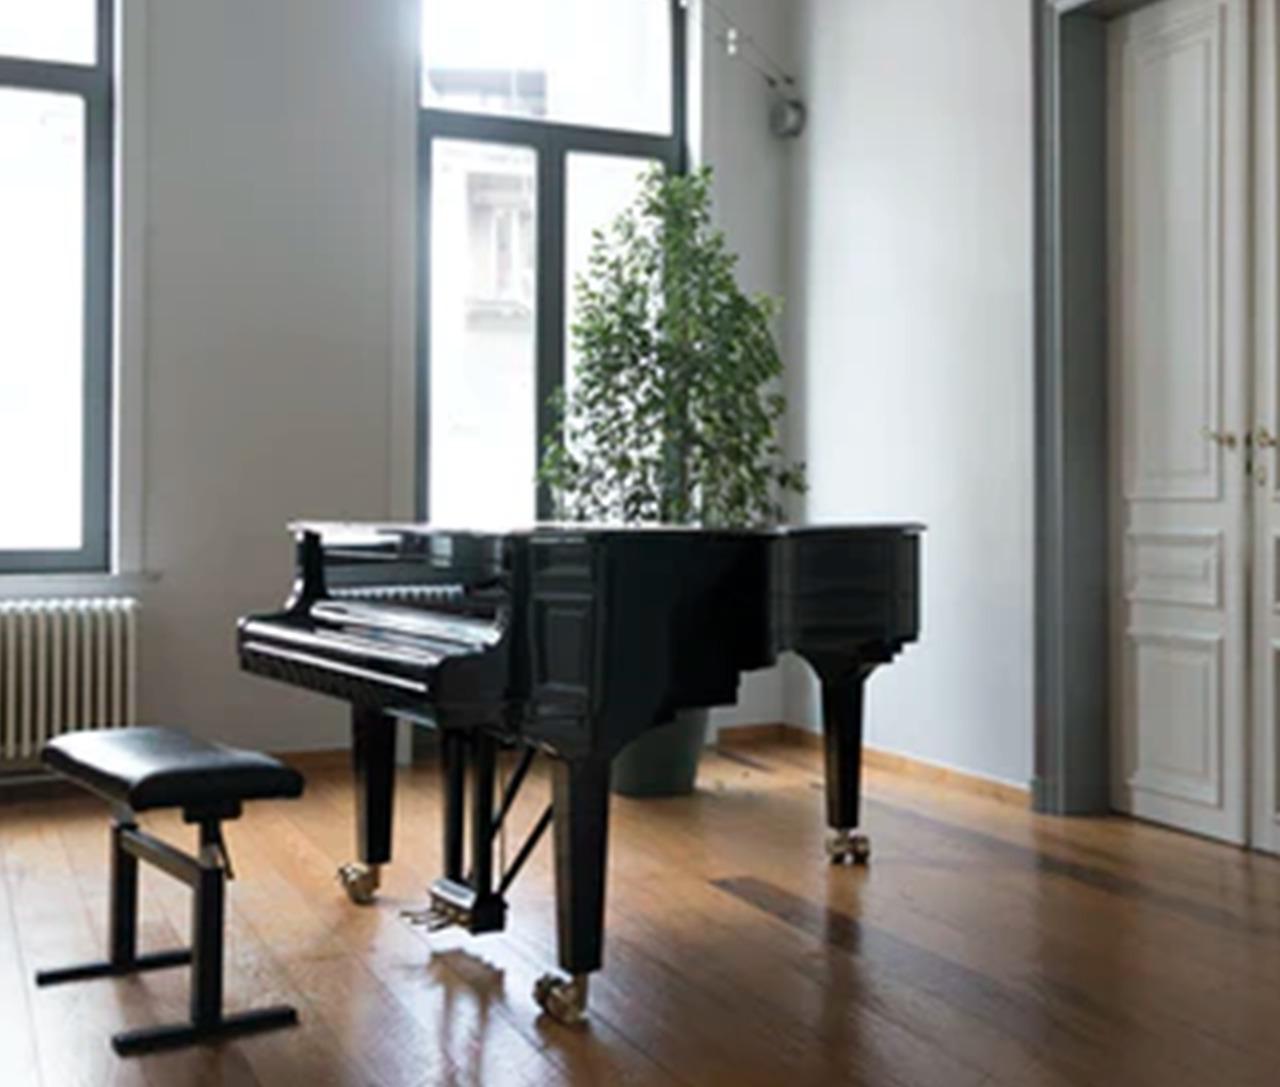 グランドピアノの画像です